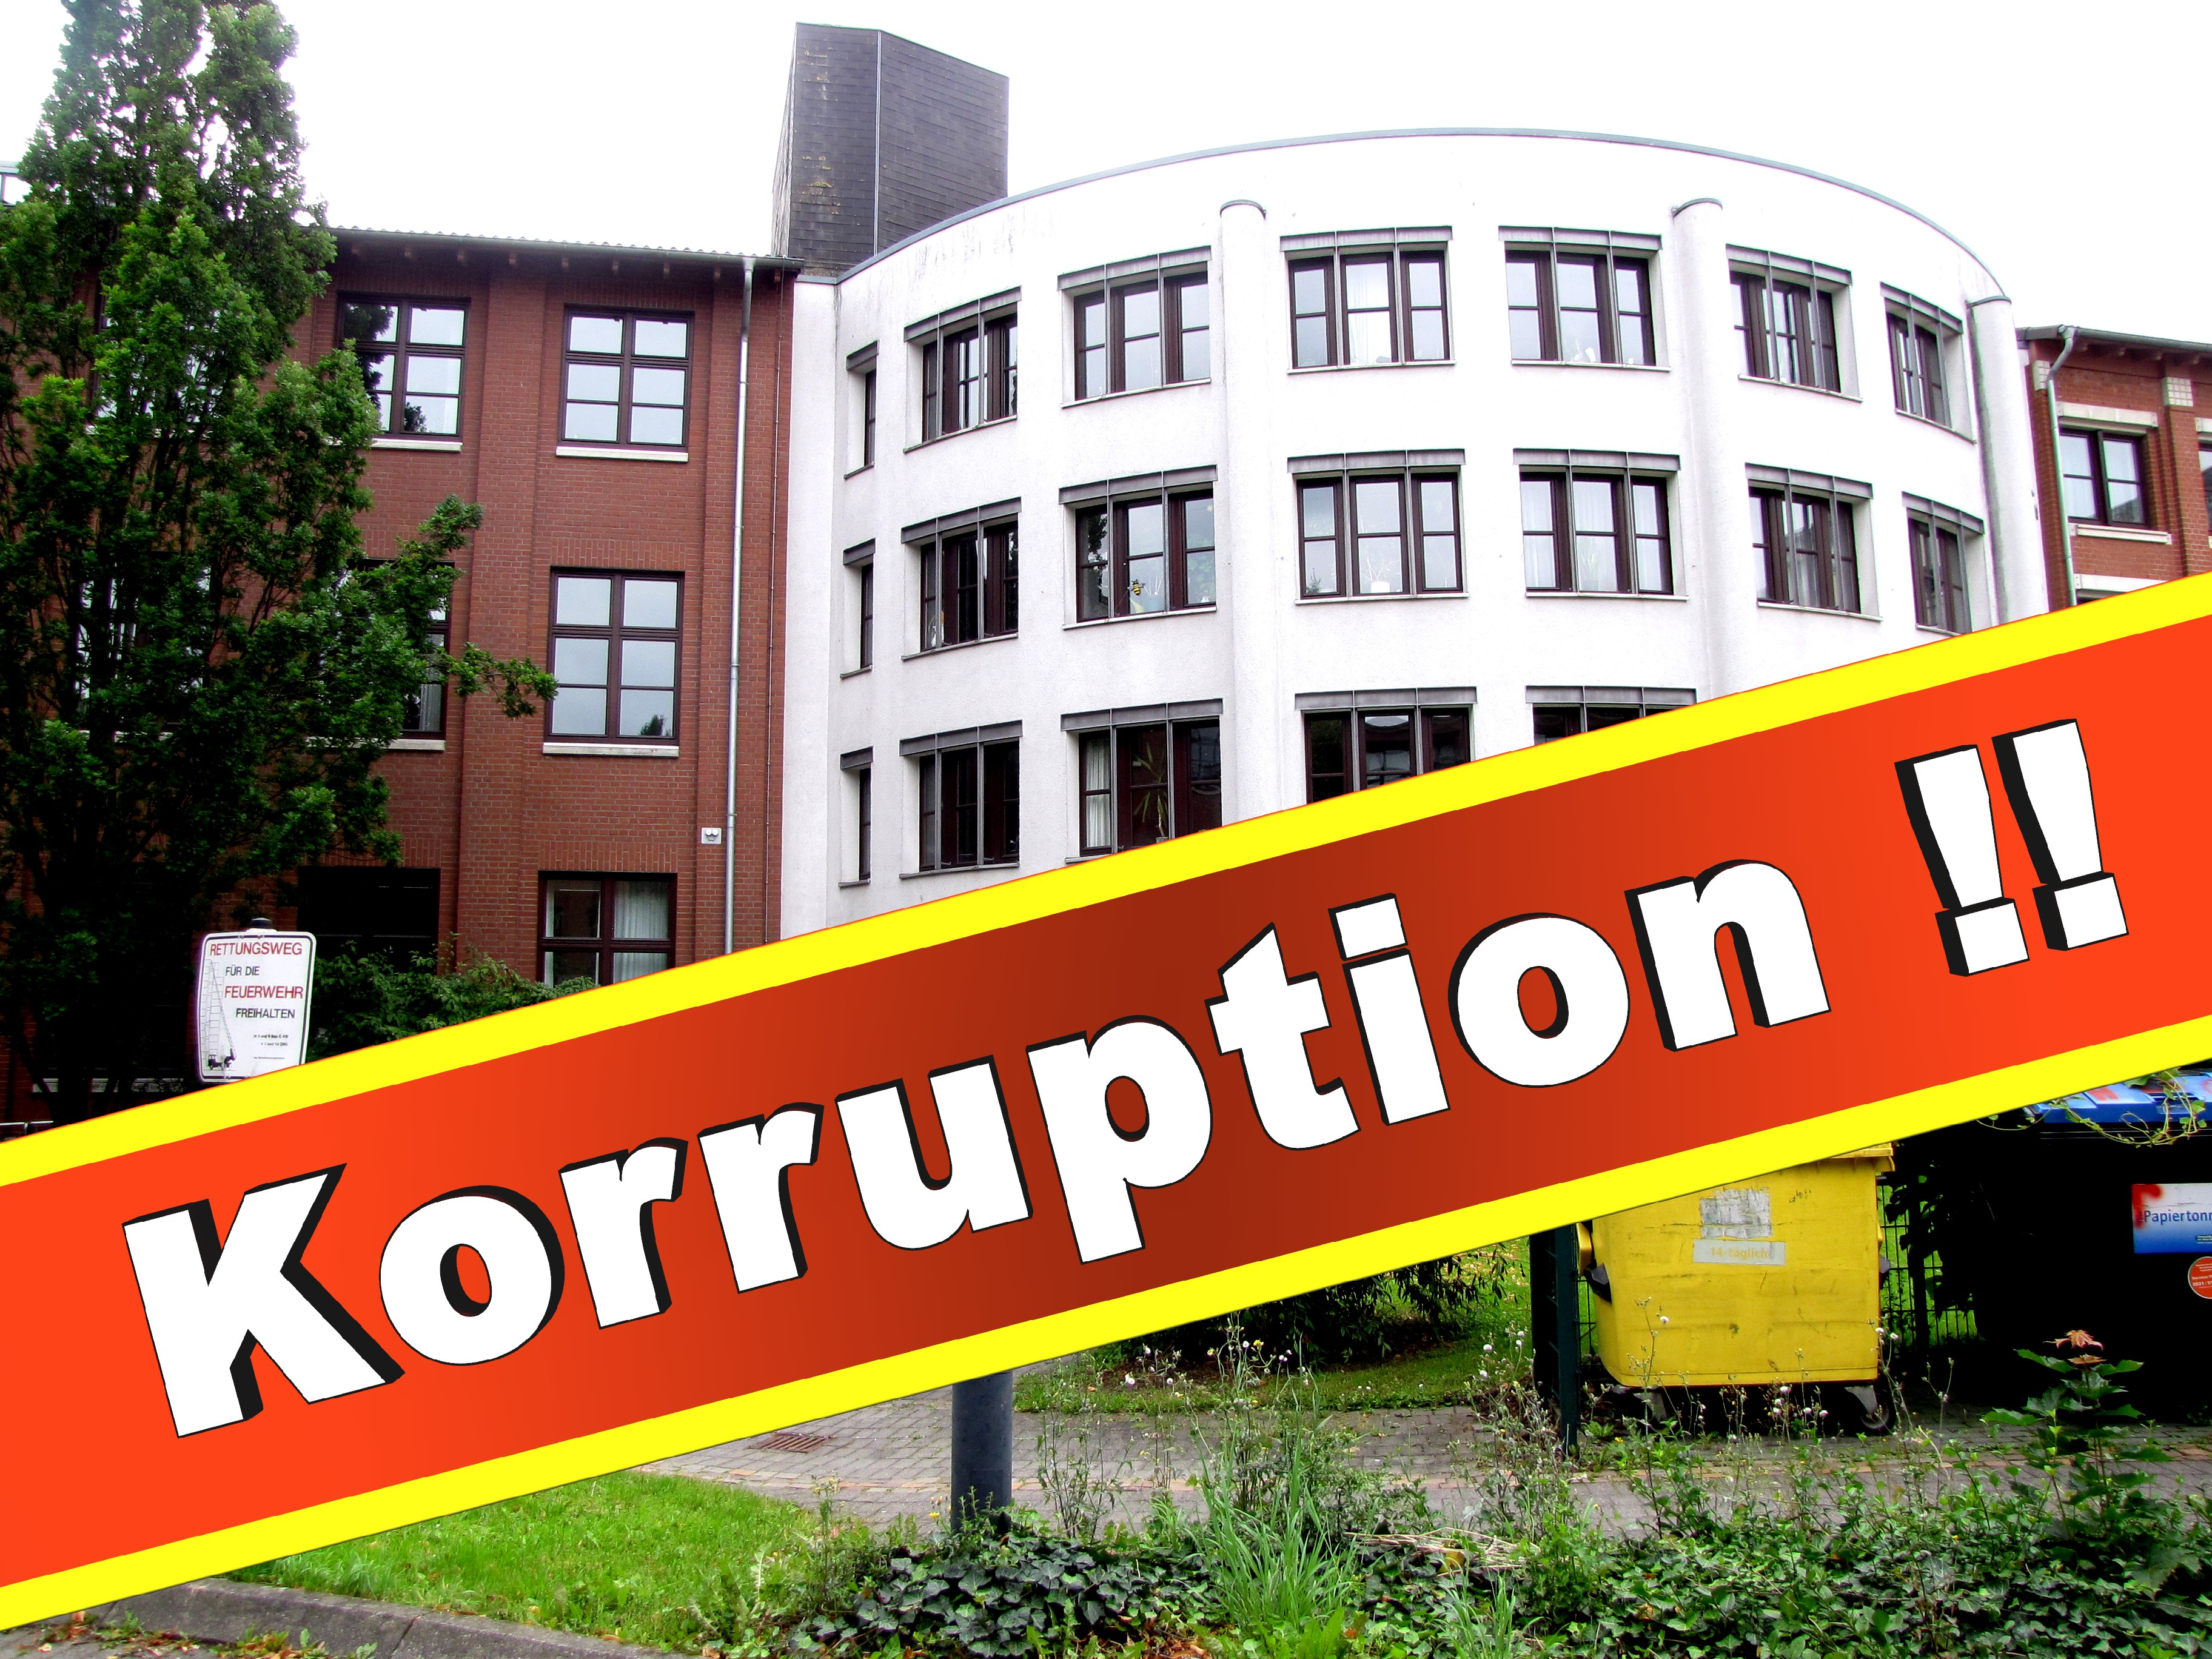 Gesundheitsamt Bielefeld Amtsarzt Adresse Gesundheitsbelehrung Telefon Schuleingangsuntersuchung Bielefeld Parken Gesundheitszeugnis (9)